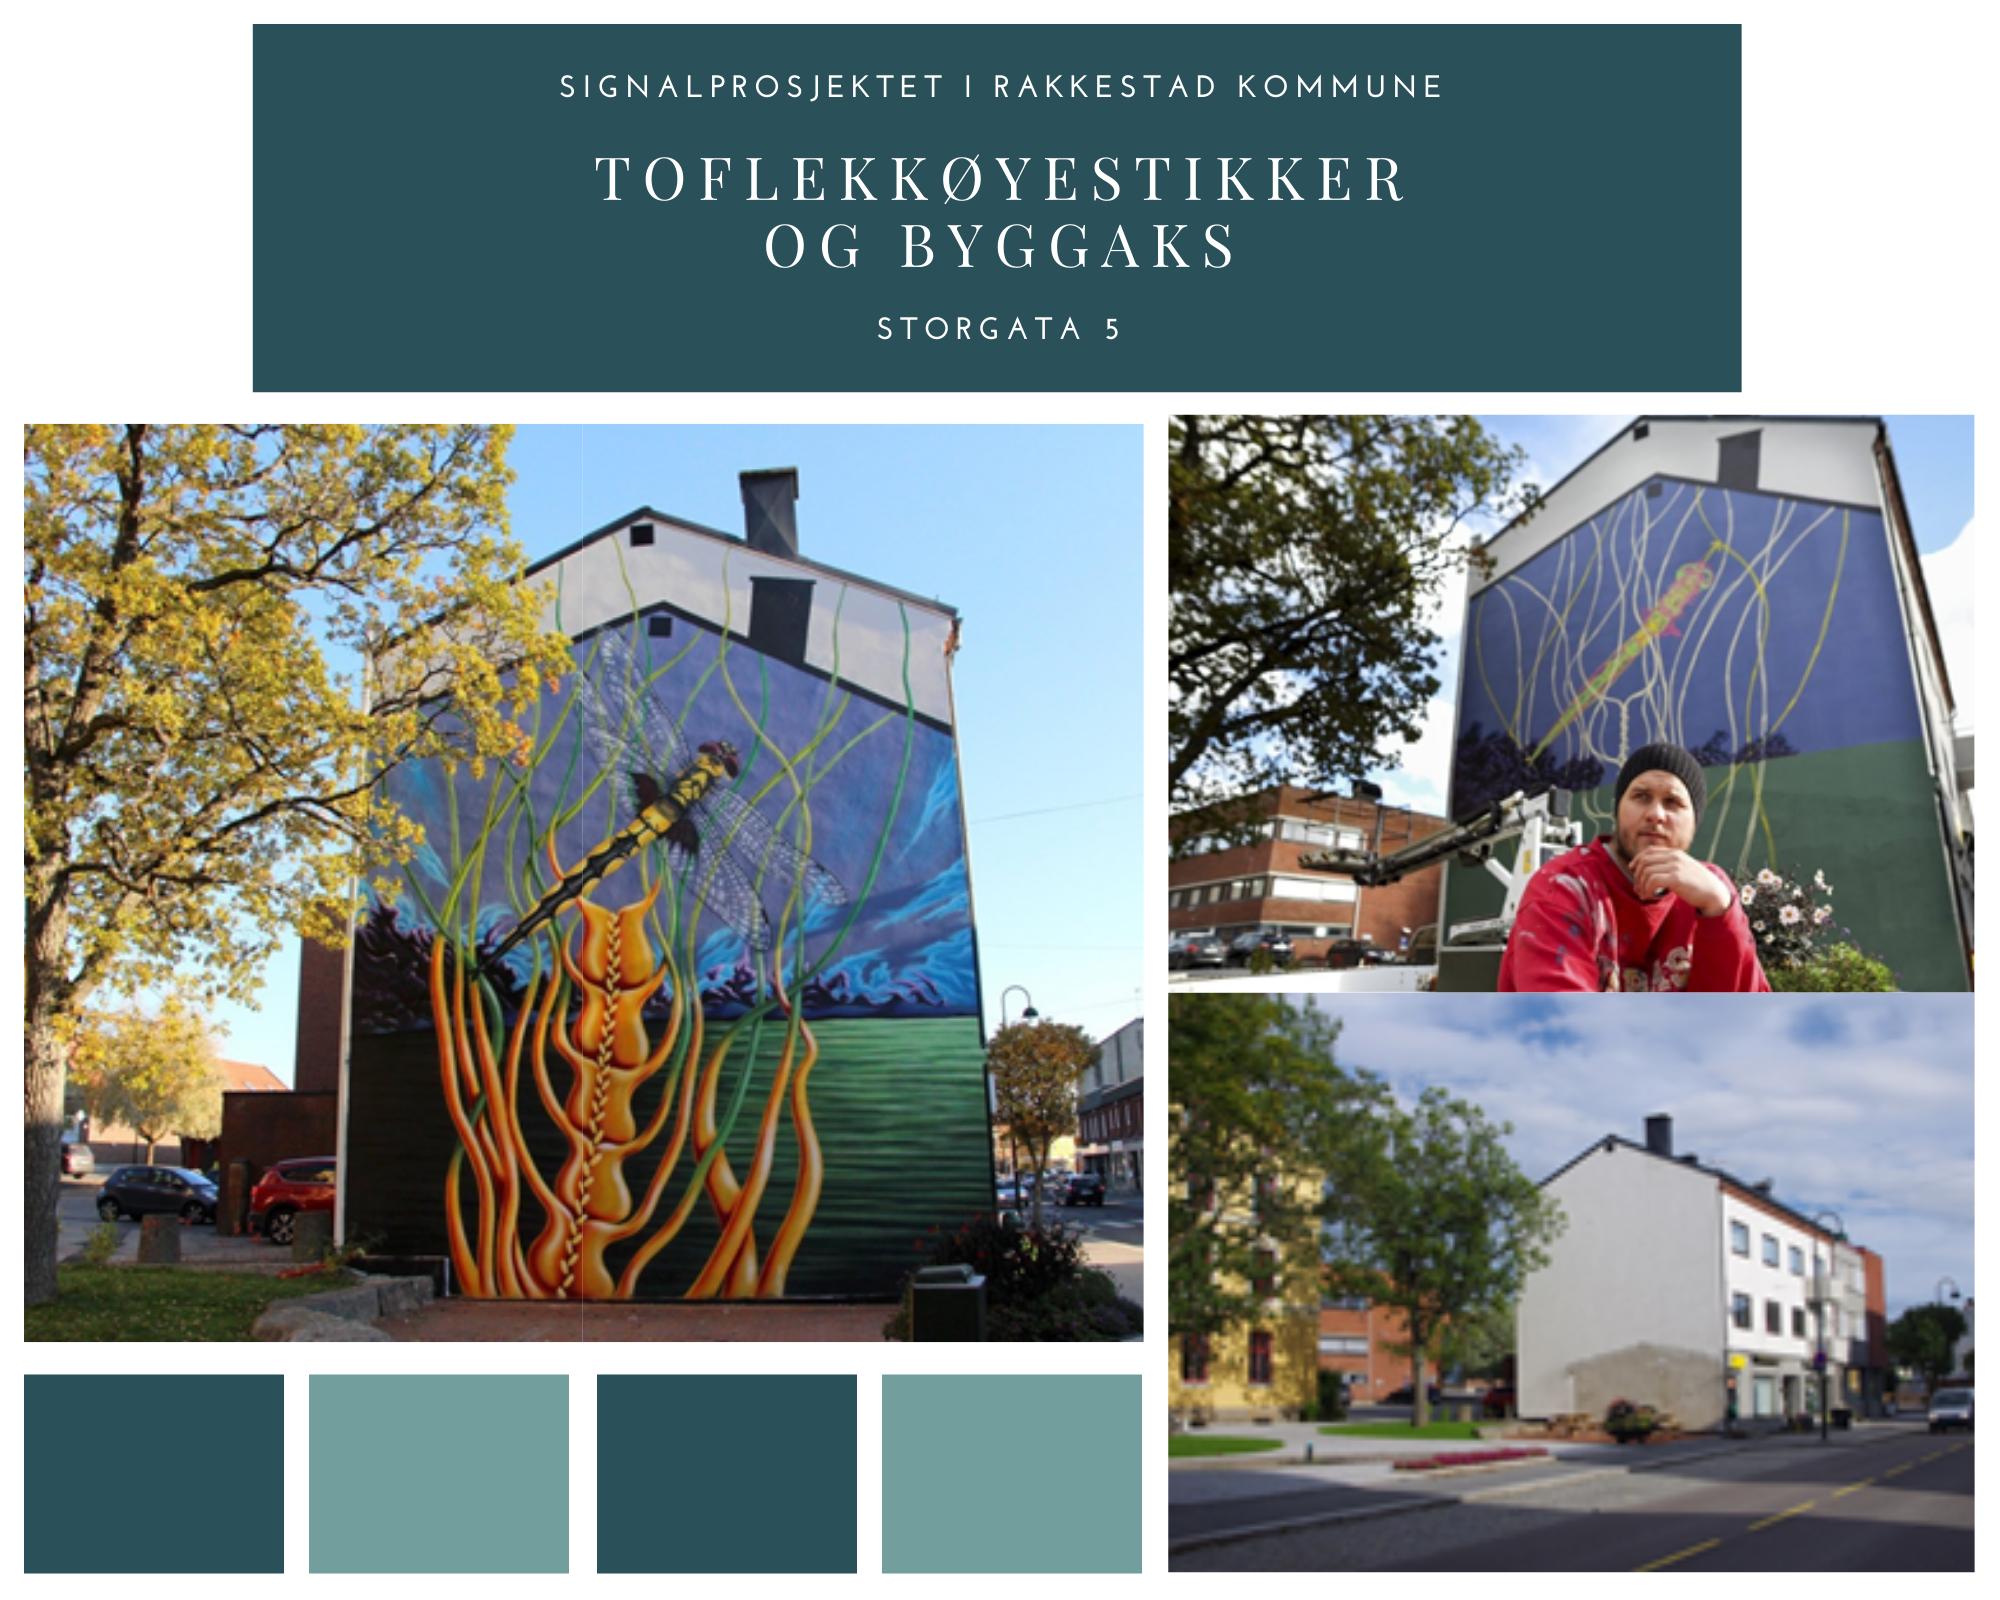 Toflekkøyestikker og byggaks - Storgata 5 - Signalprosjektet i Rakkestad kommune.png